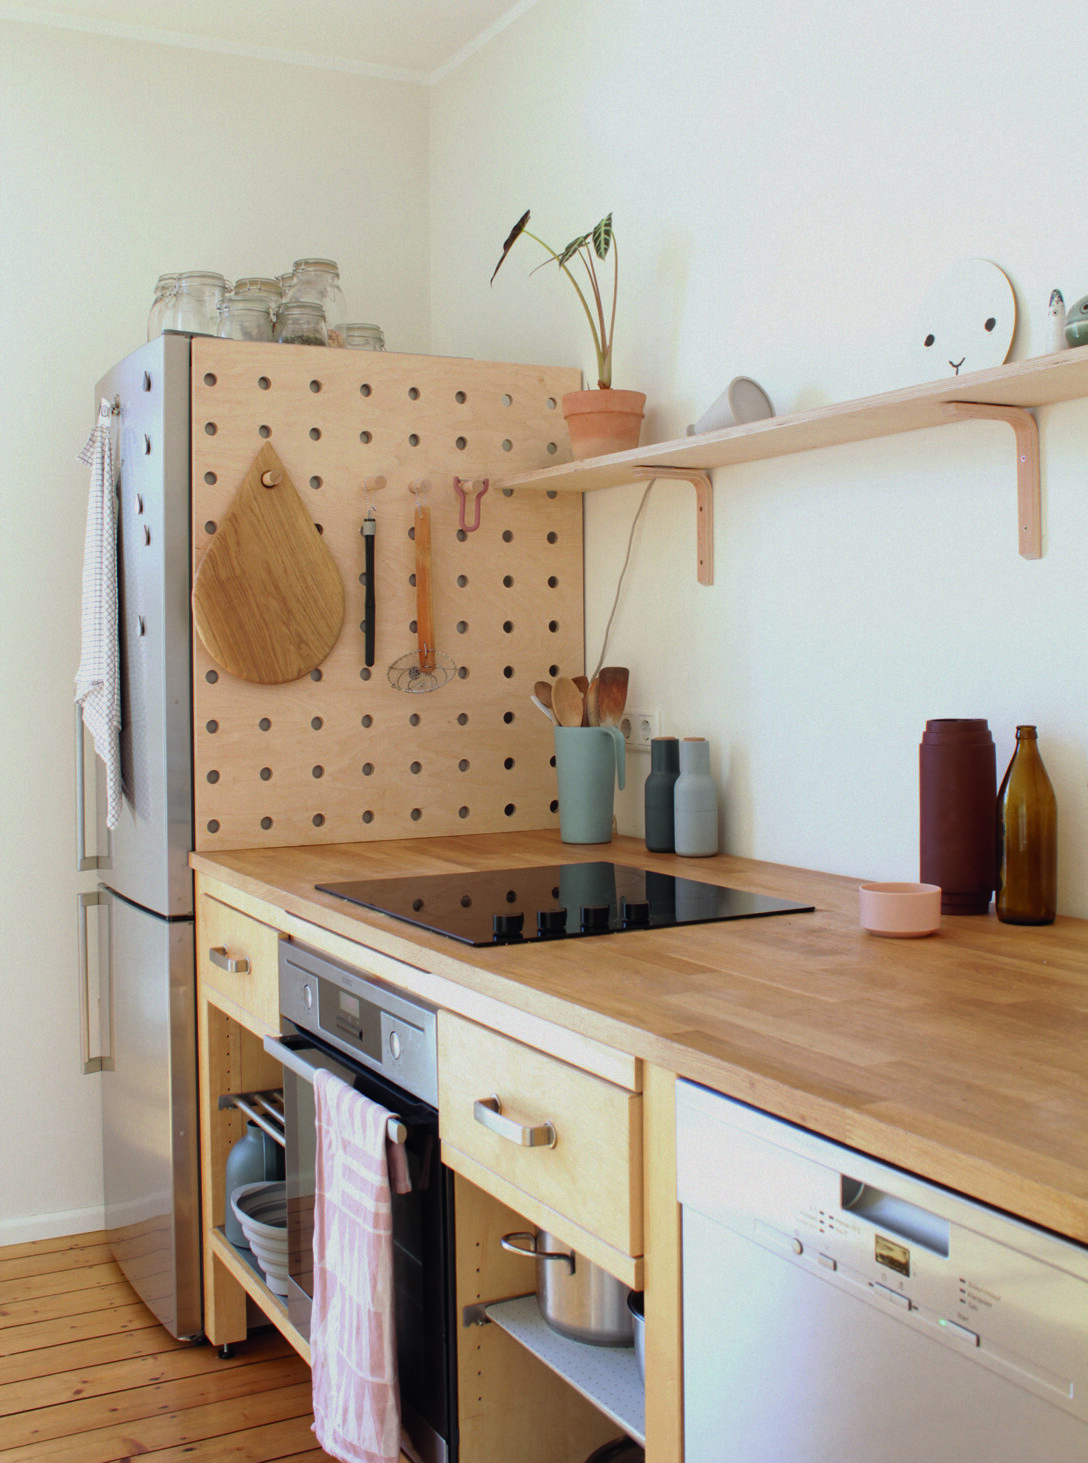 Large Size of Ikea Vrde Stylish Kitchen From Used Components Kche Kosten Betten Bei Modulküche Holz Küche Kaufen 160x200 Sofa Mit Schlaffunktion Miniküche Wohnzimmer Modulküche Ikea Värde